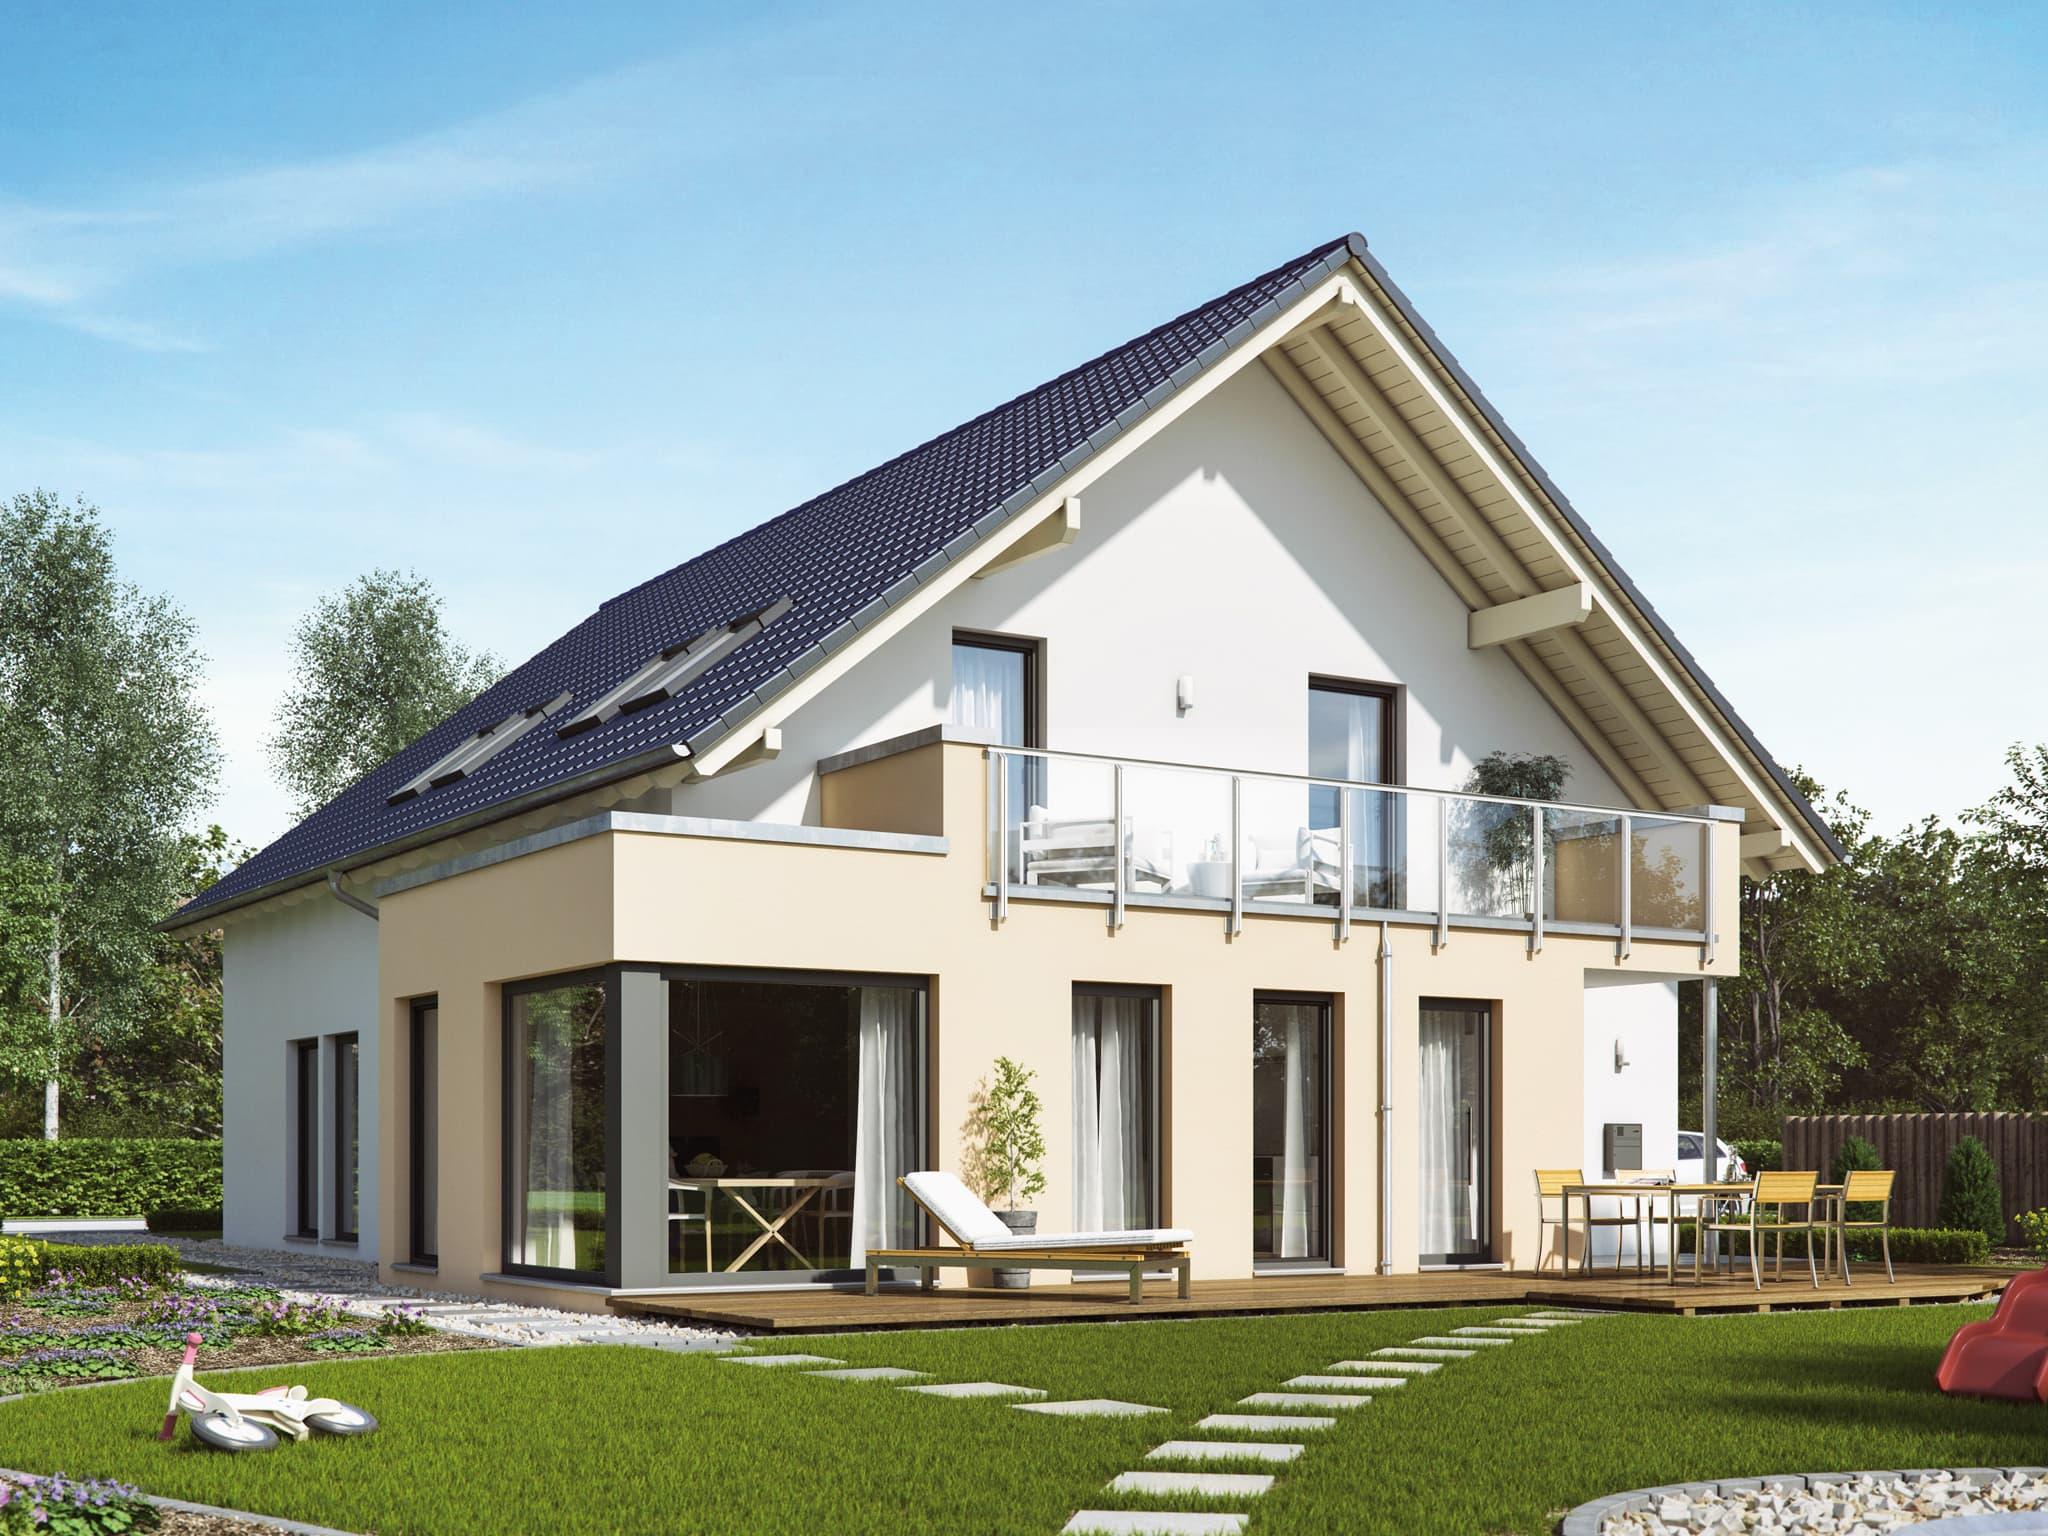 Klassisches Einfamilienhaus mit Einliegerwohnung, Satteldach Architektur, Wintergarten Erker & Balkon - Haus bauen Ideen Fertighaus SOLUTION 230 V2 von Living Haus - HausbauDirekt.de